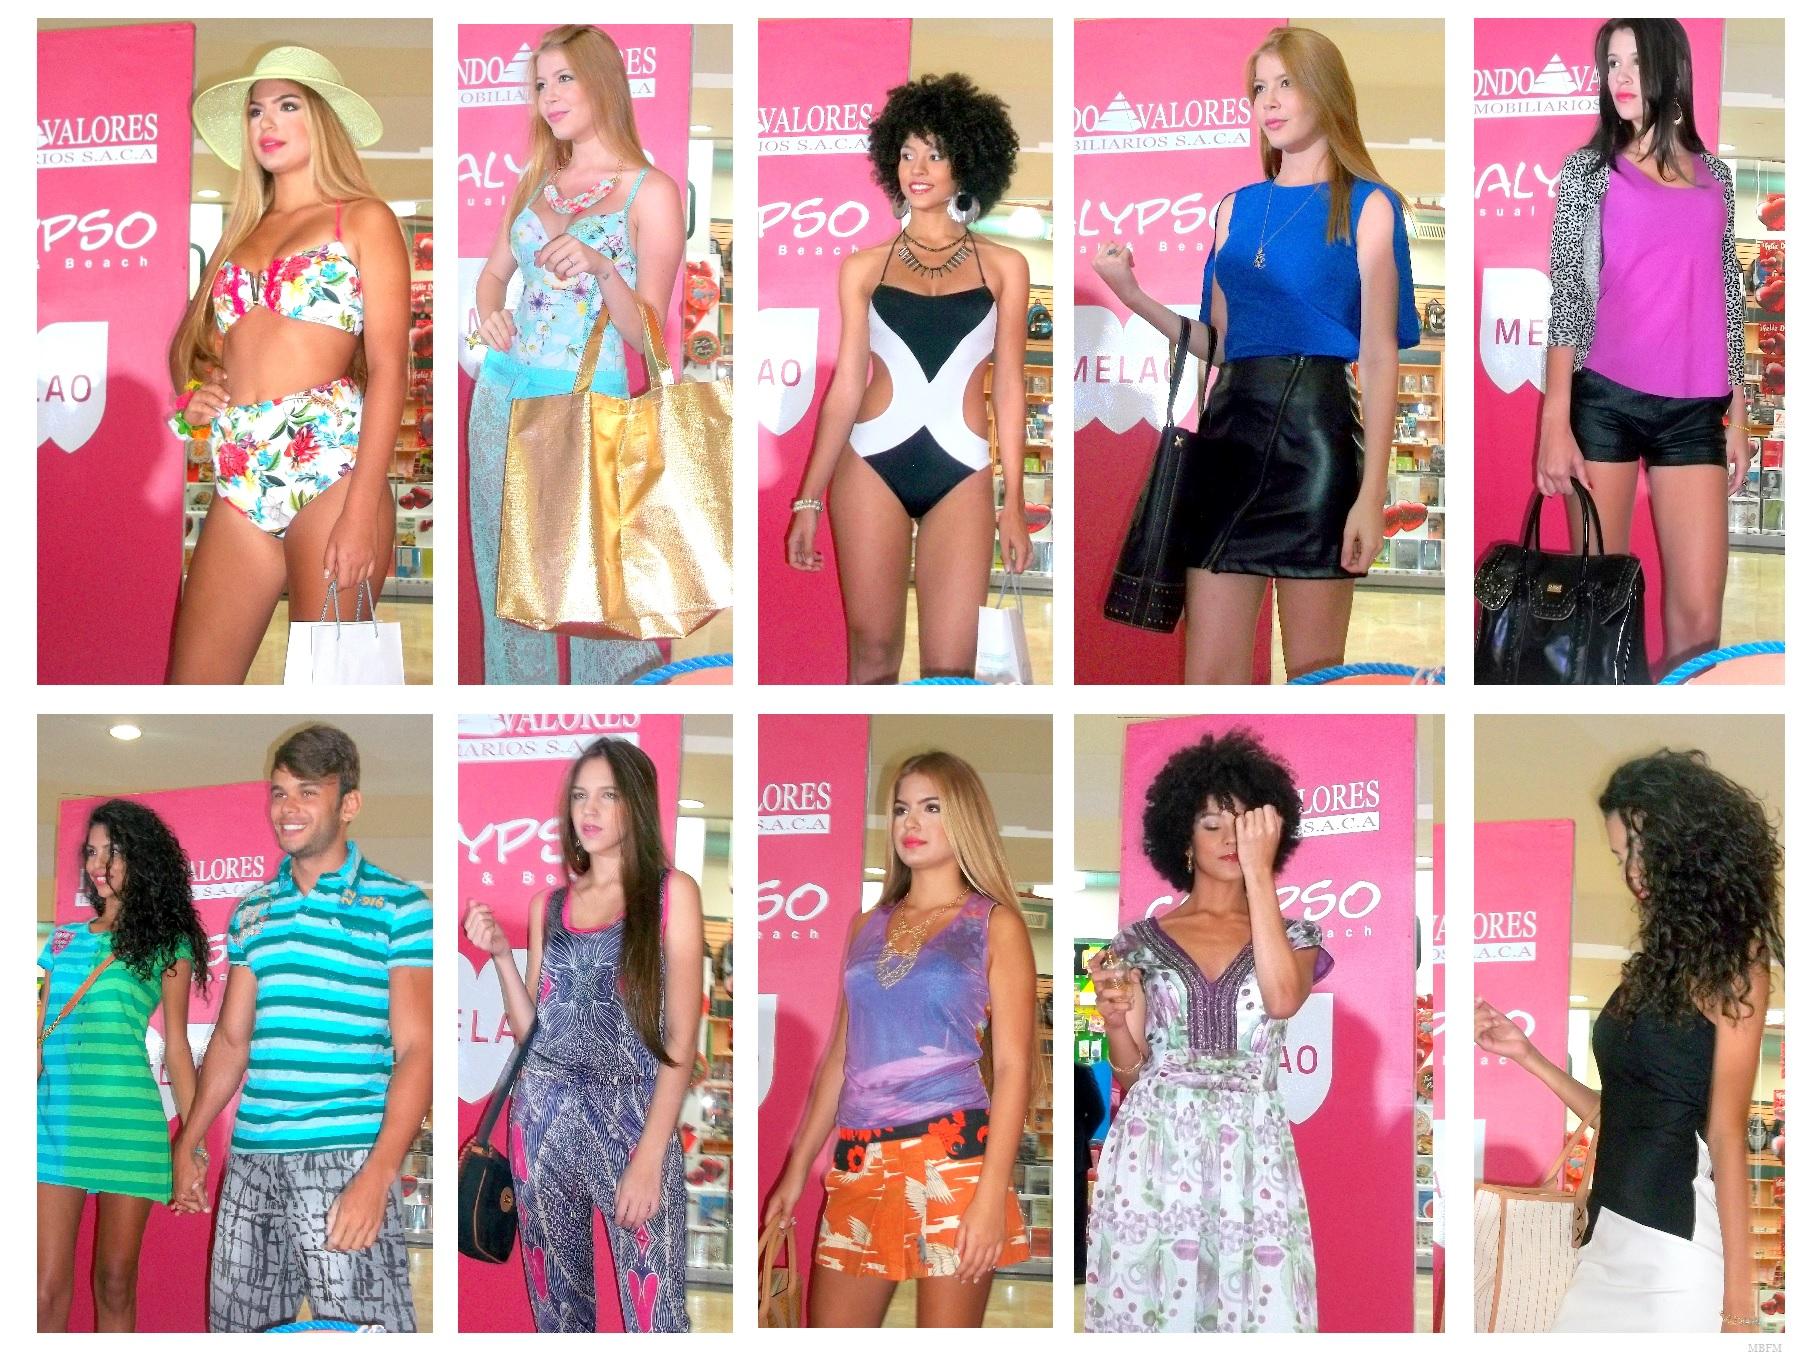 Mucha moda en el Tolon, tendencias playeras de Calypso, Melao, Tarbay y Custo Barcelona